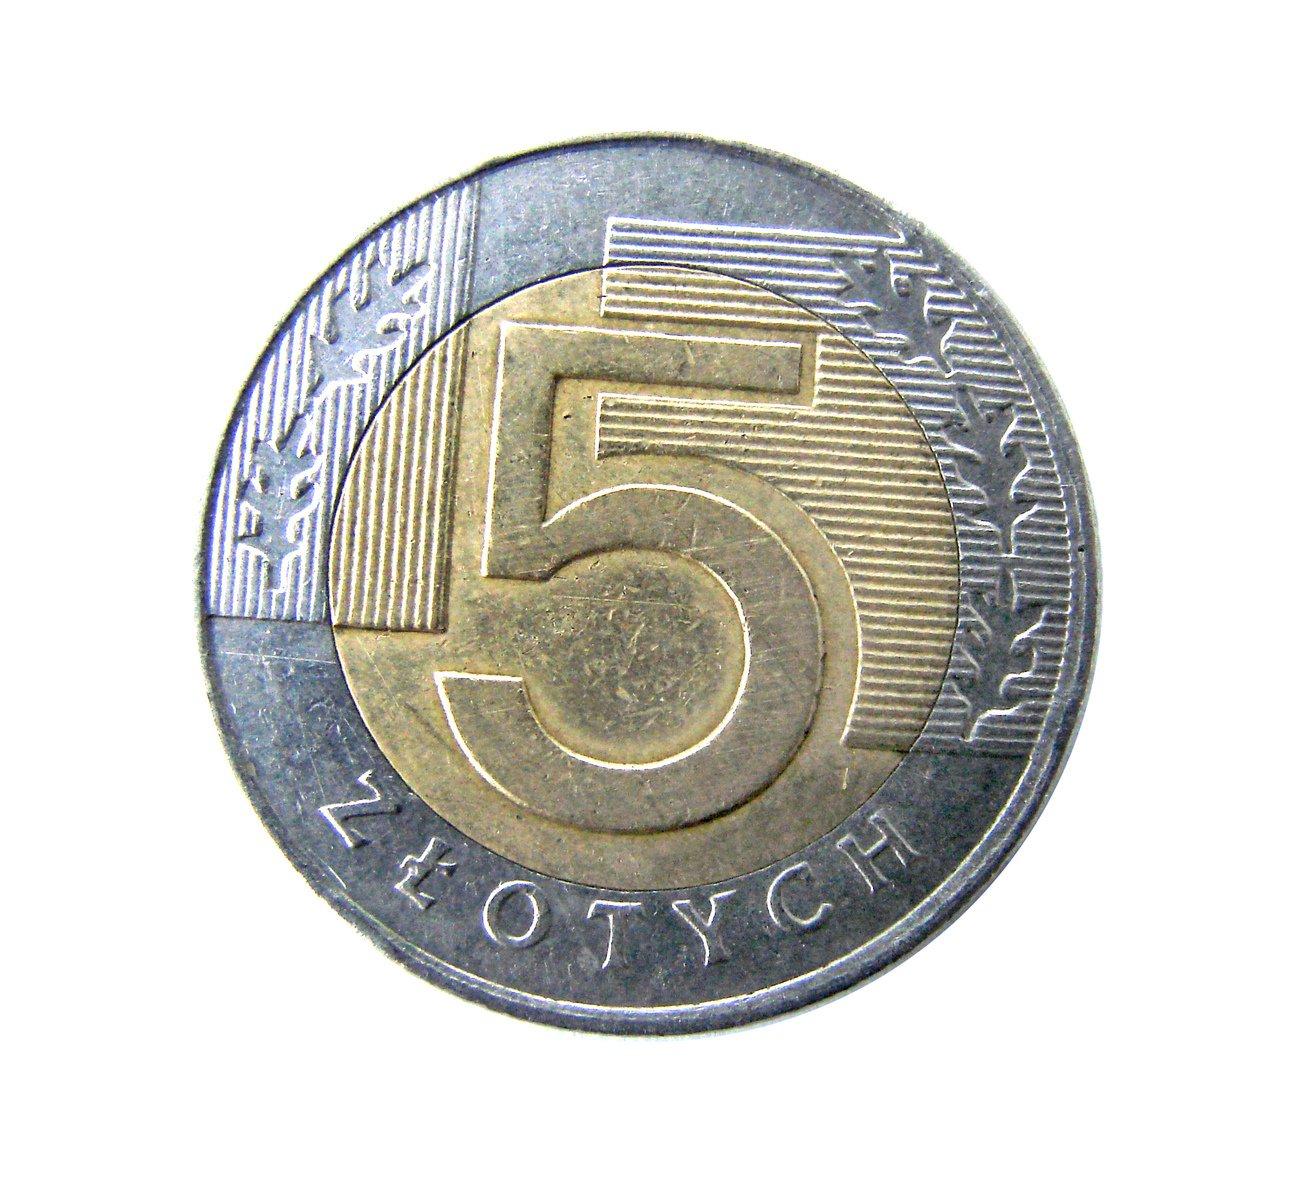 Money,money,circle,metal